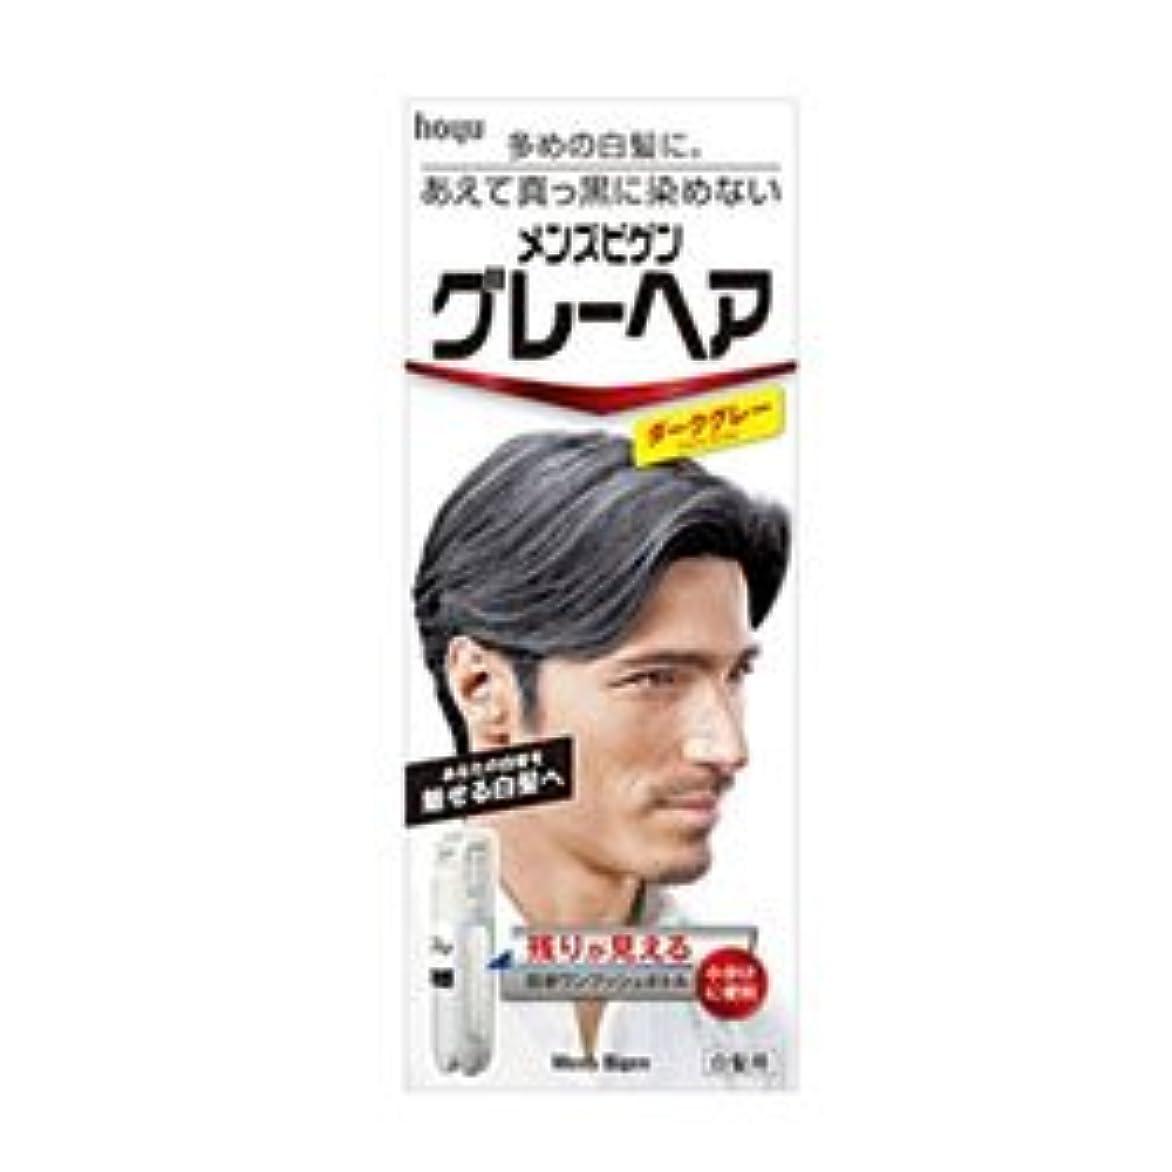 【ホーユー】メンズビゲン グレーヘア ダークグレー 40g+40g ×20個セット